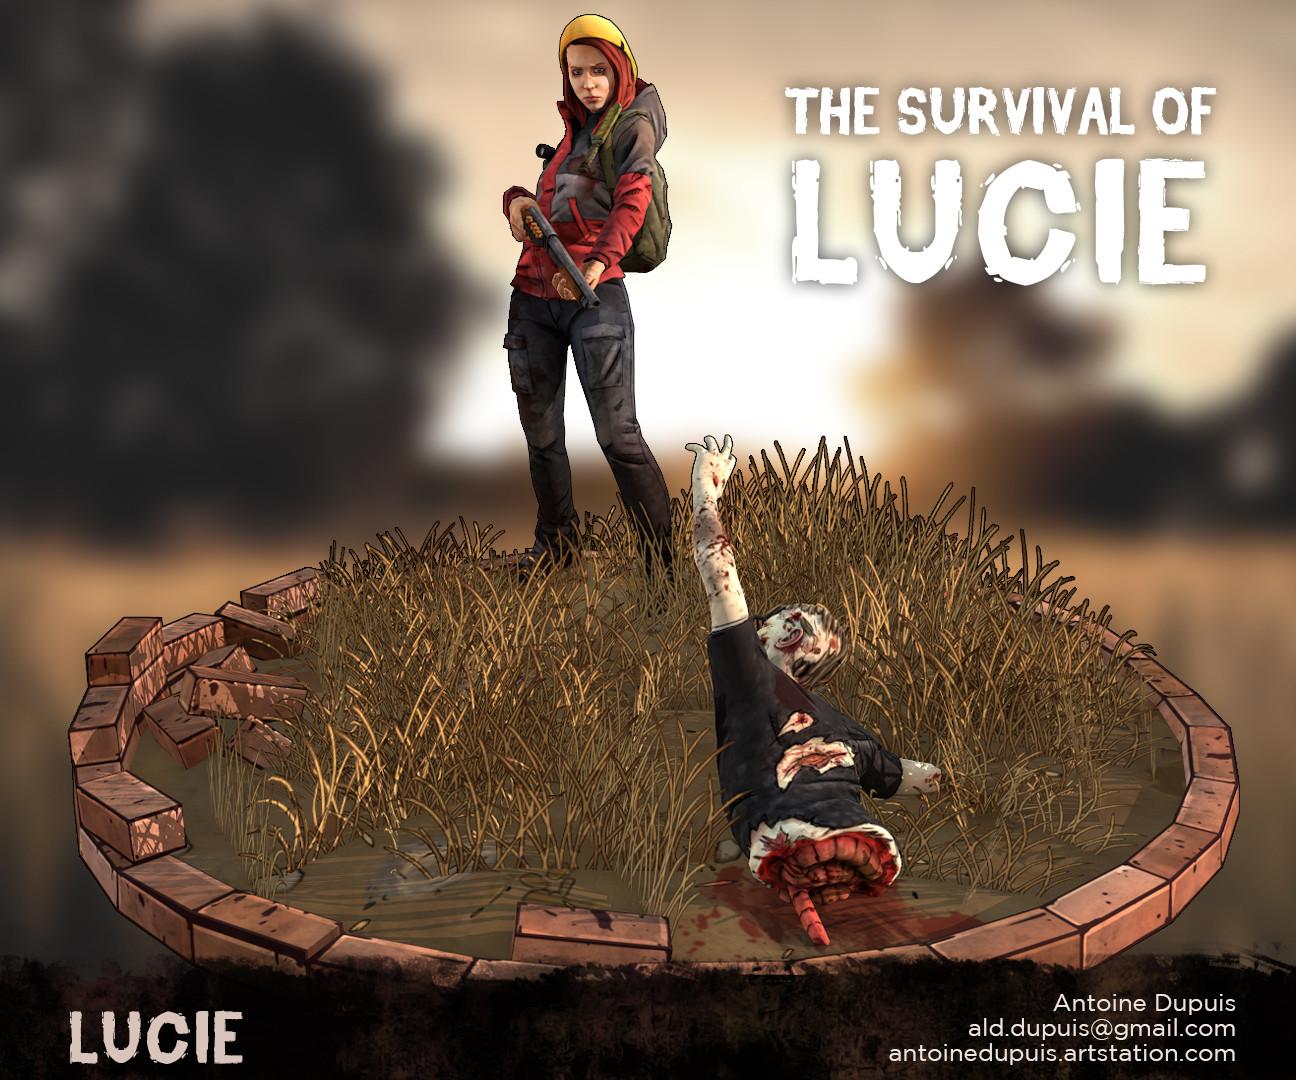 Antoine dupuis survivaloflucie 04